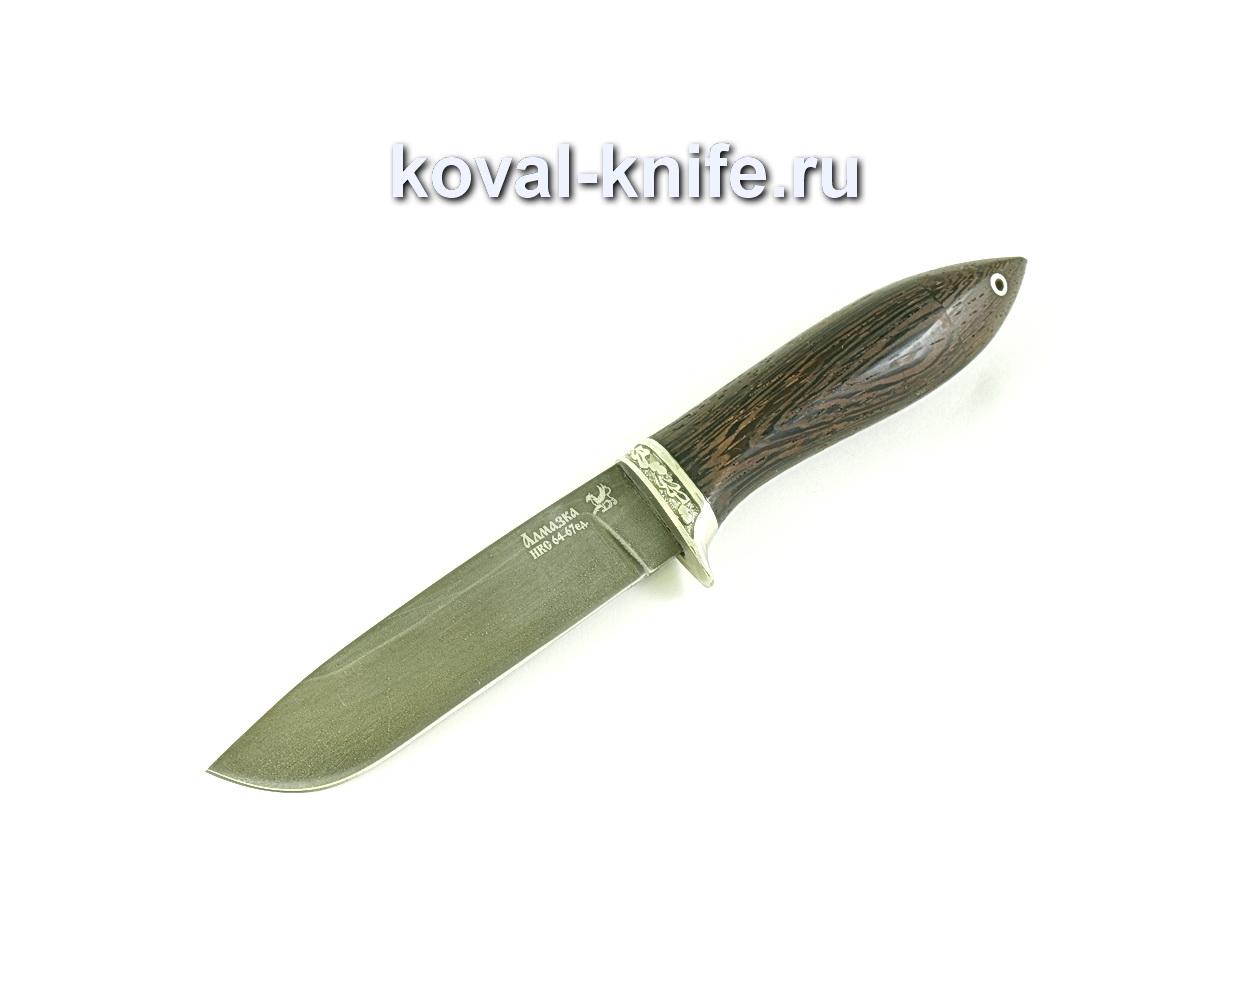 Нож Белка (сталь ХВ5-Алмазка), рукоять венге, литье A097